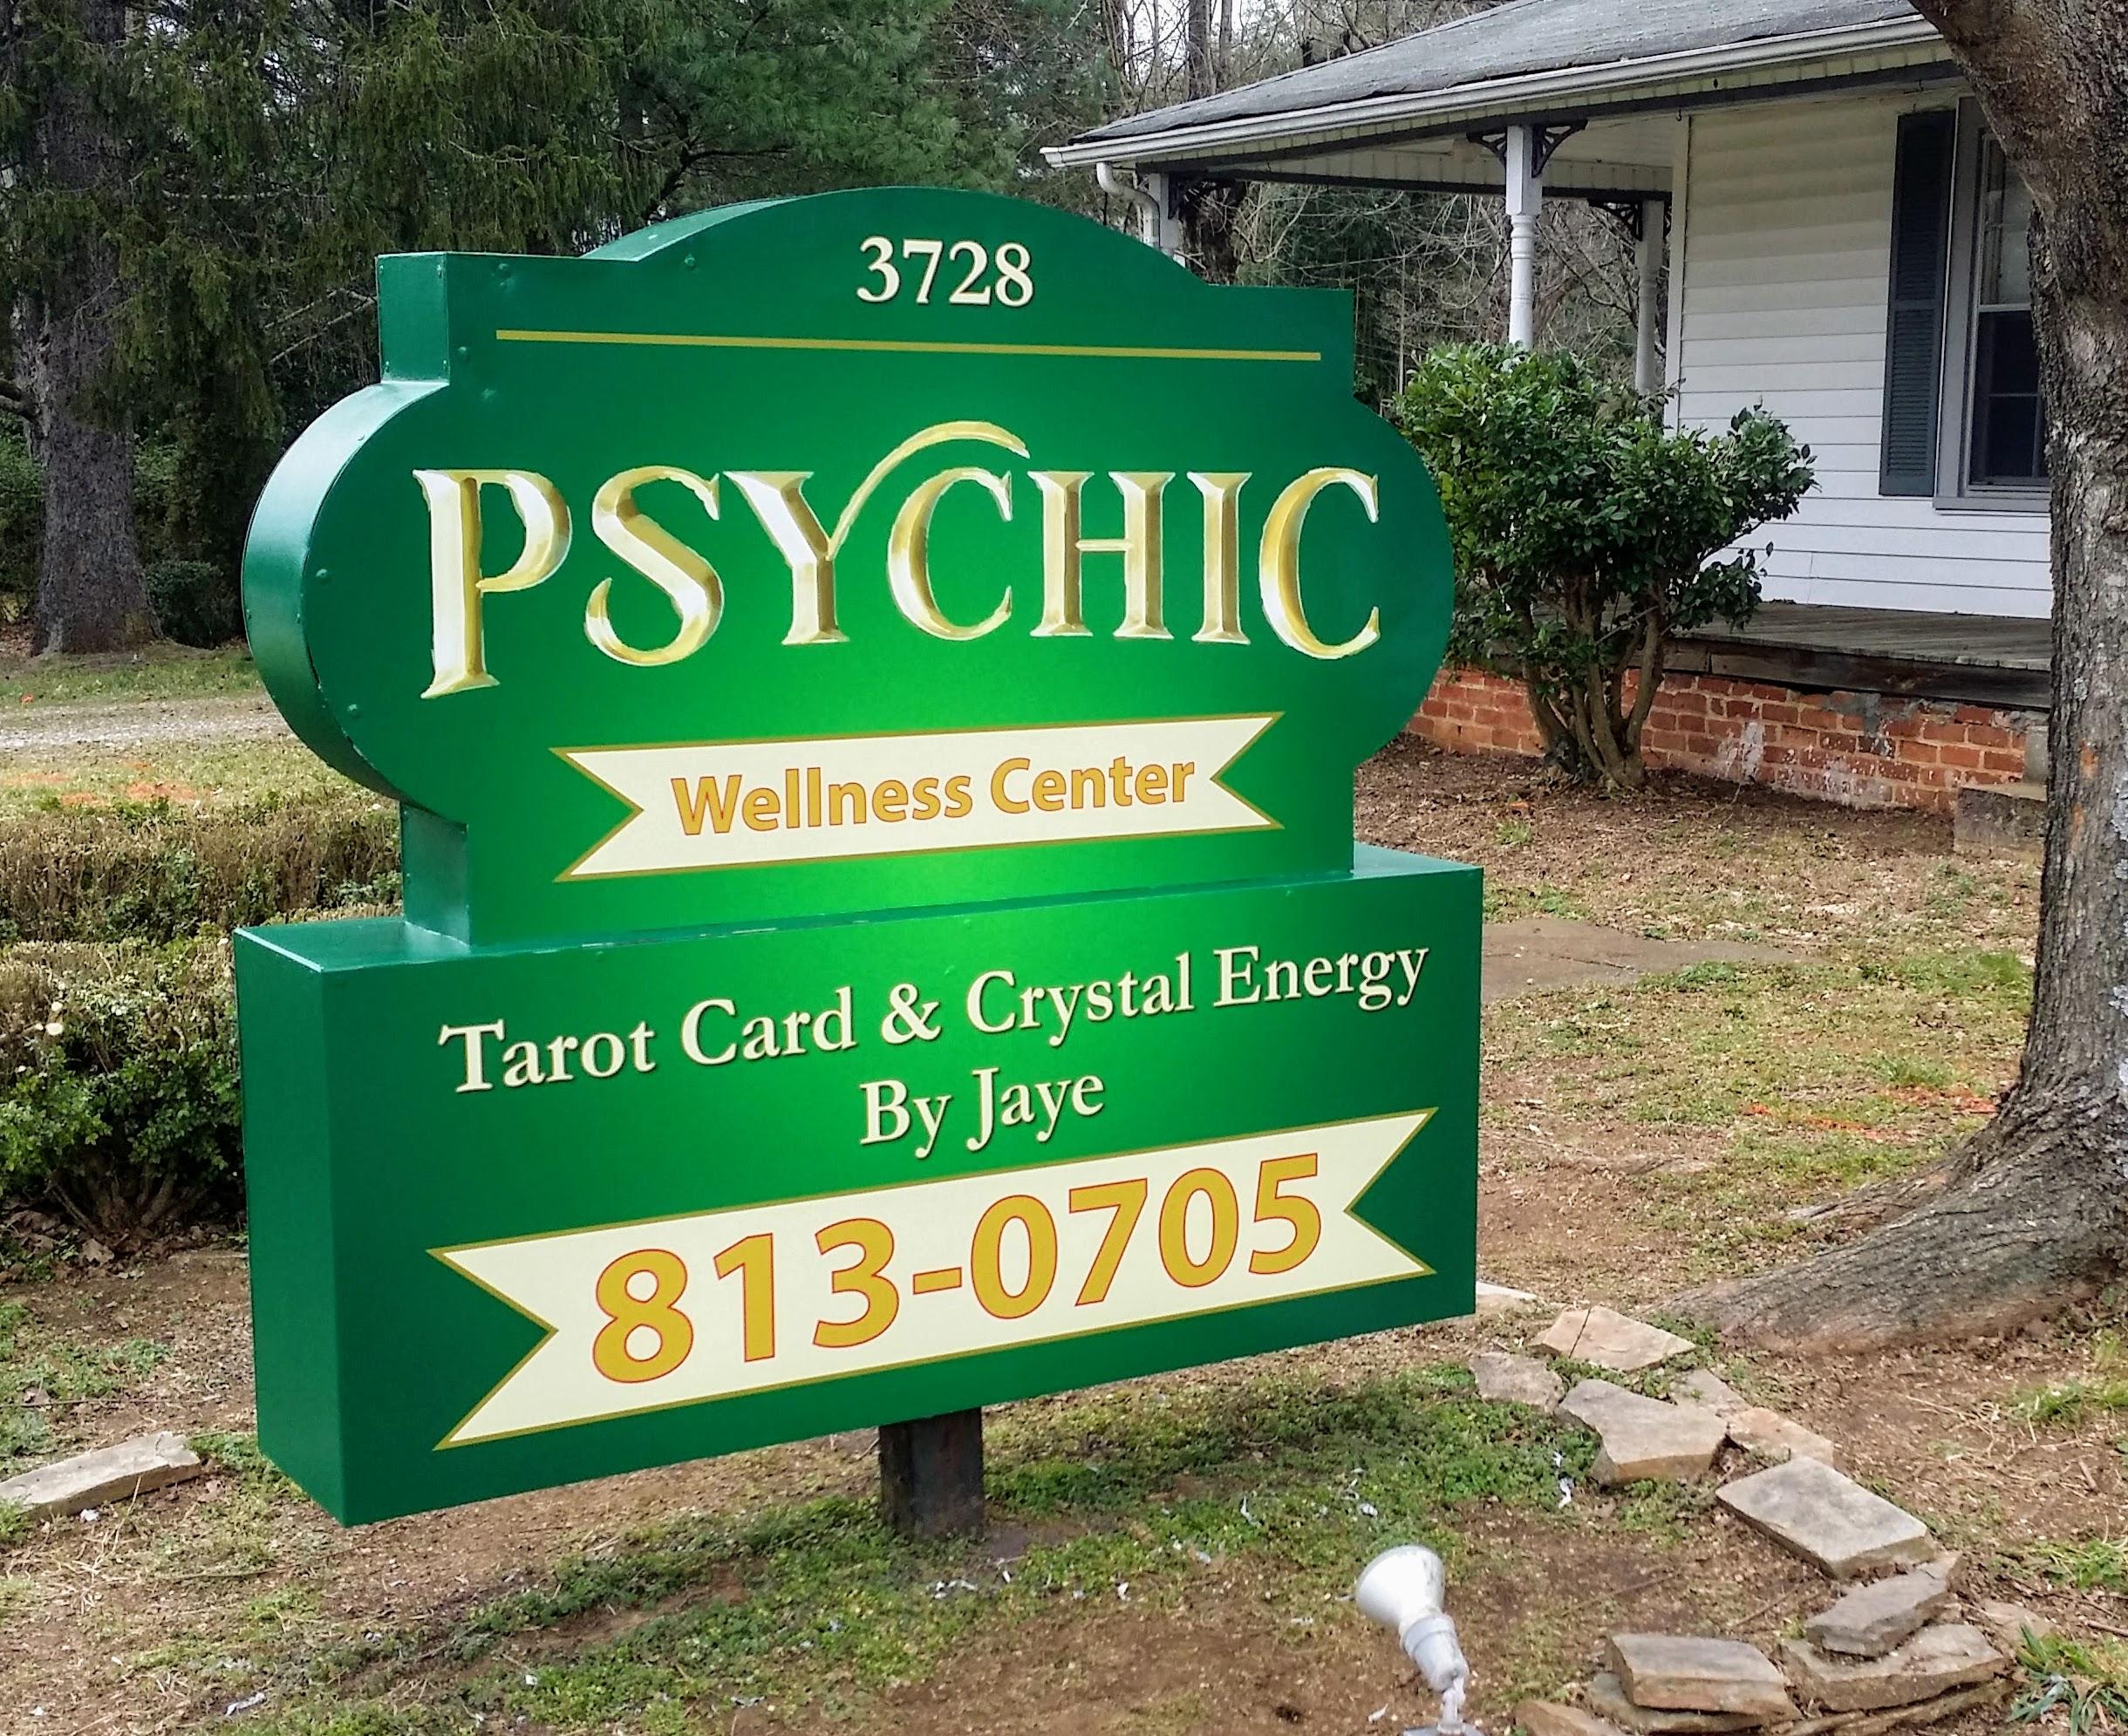 psychic_wellness_center_outdoor_display